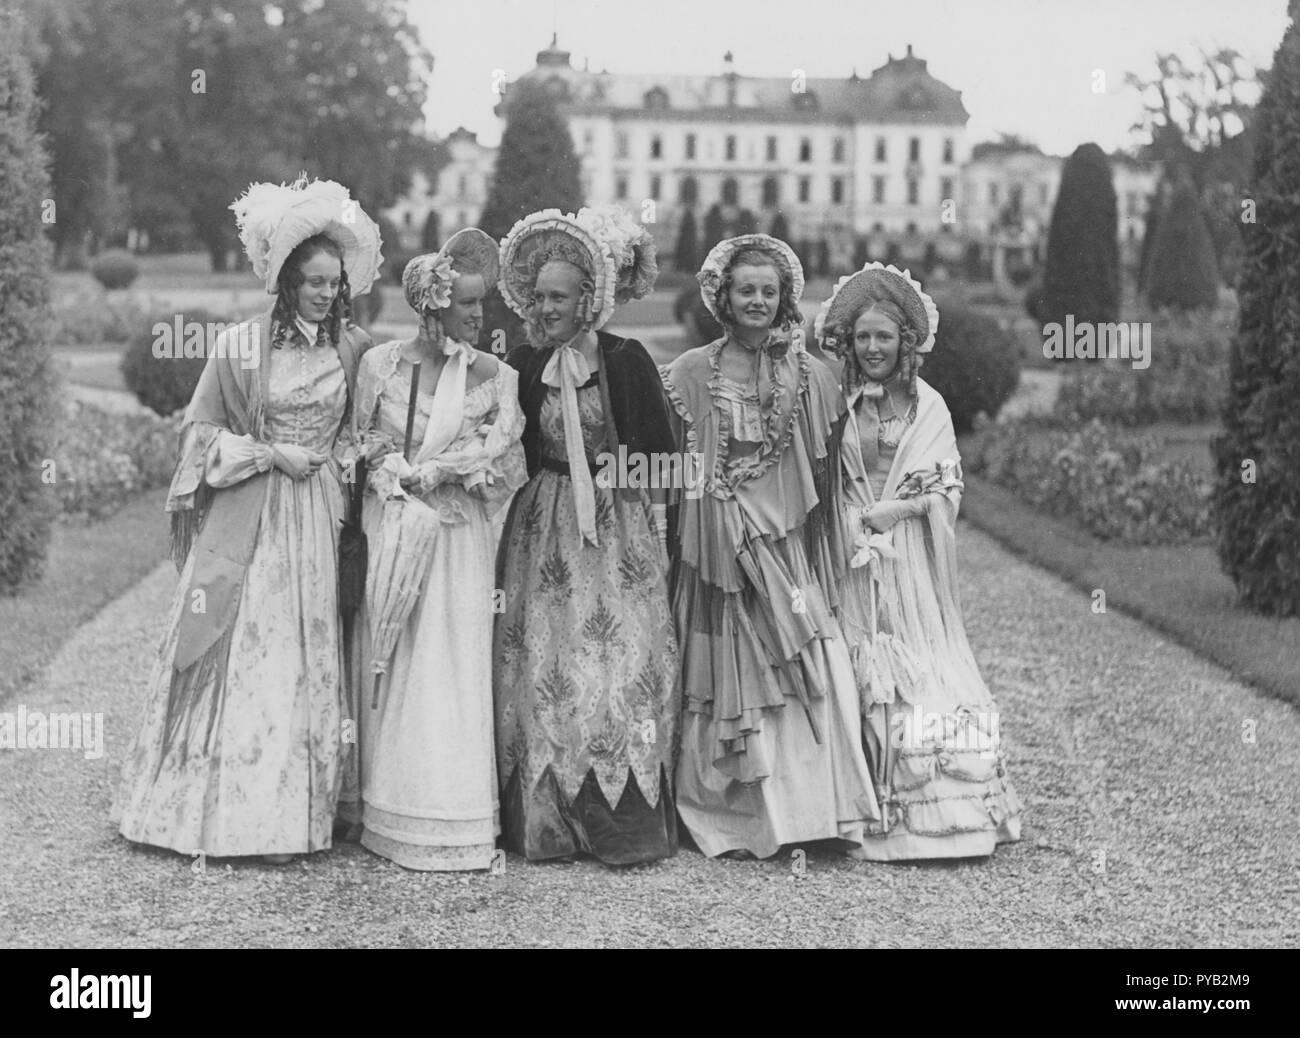 Poke Motorhauben. Eine Gruppe von fünf jungen Frauen im Park von Drottning holm Schloss, während der Dreharbeiten zu dem Film Filmen om Emelie Högqvist 1939. Sie sind alle verkleidet als Damen des Jahres 1835. Insbesondere die Hüte whitch sind aufgerufen, Poke Motorhaube, der kam in Mode zu Beginn des 19. Jahrhunderts. Stockbild